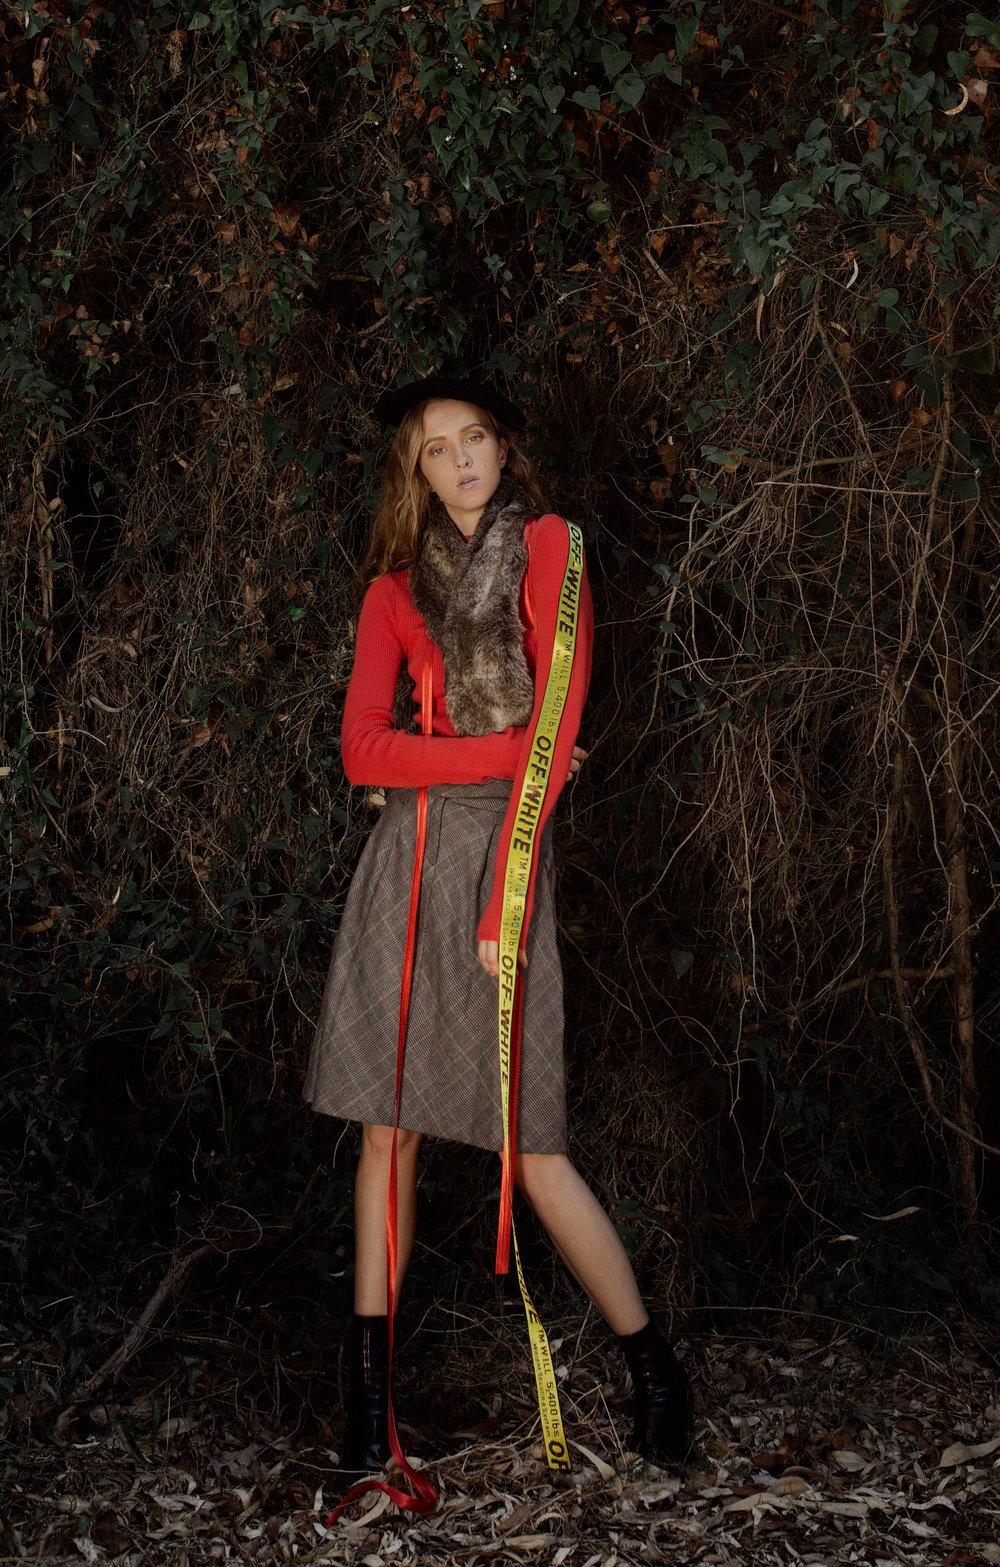 סוודר: ברשקה, חצאית: H&M, נעליים: זארה, חגורה: offwhite, כובע וצעיף: אוסף פרטי.